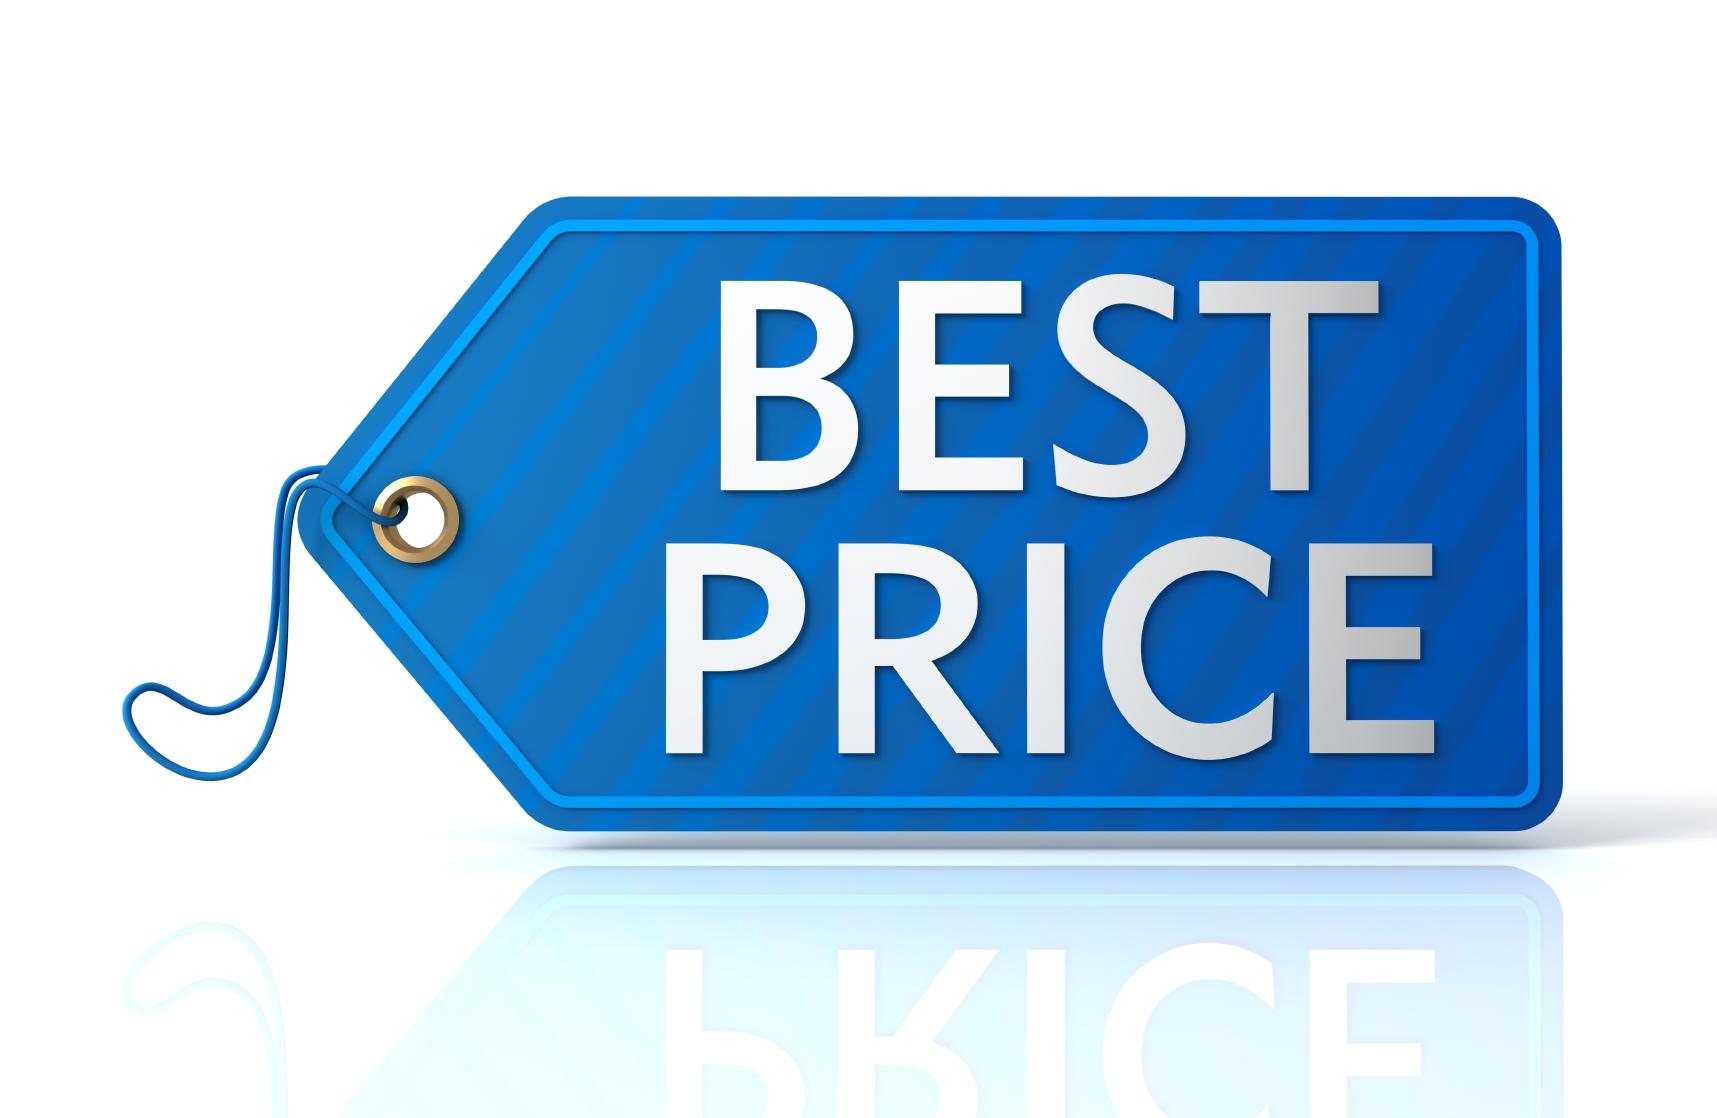 Price nego заказать косметику в эйвон без регистрации